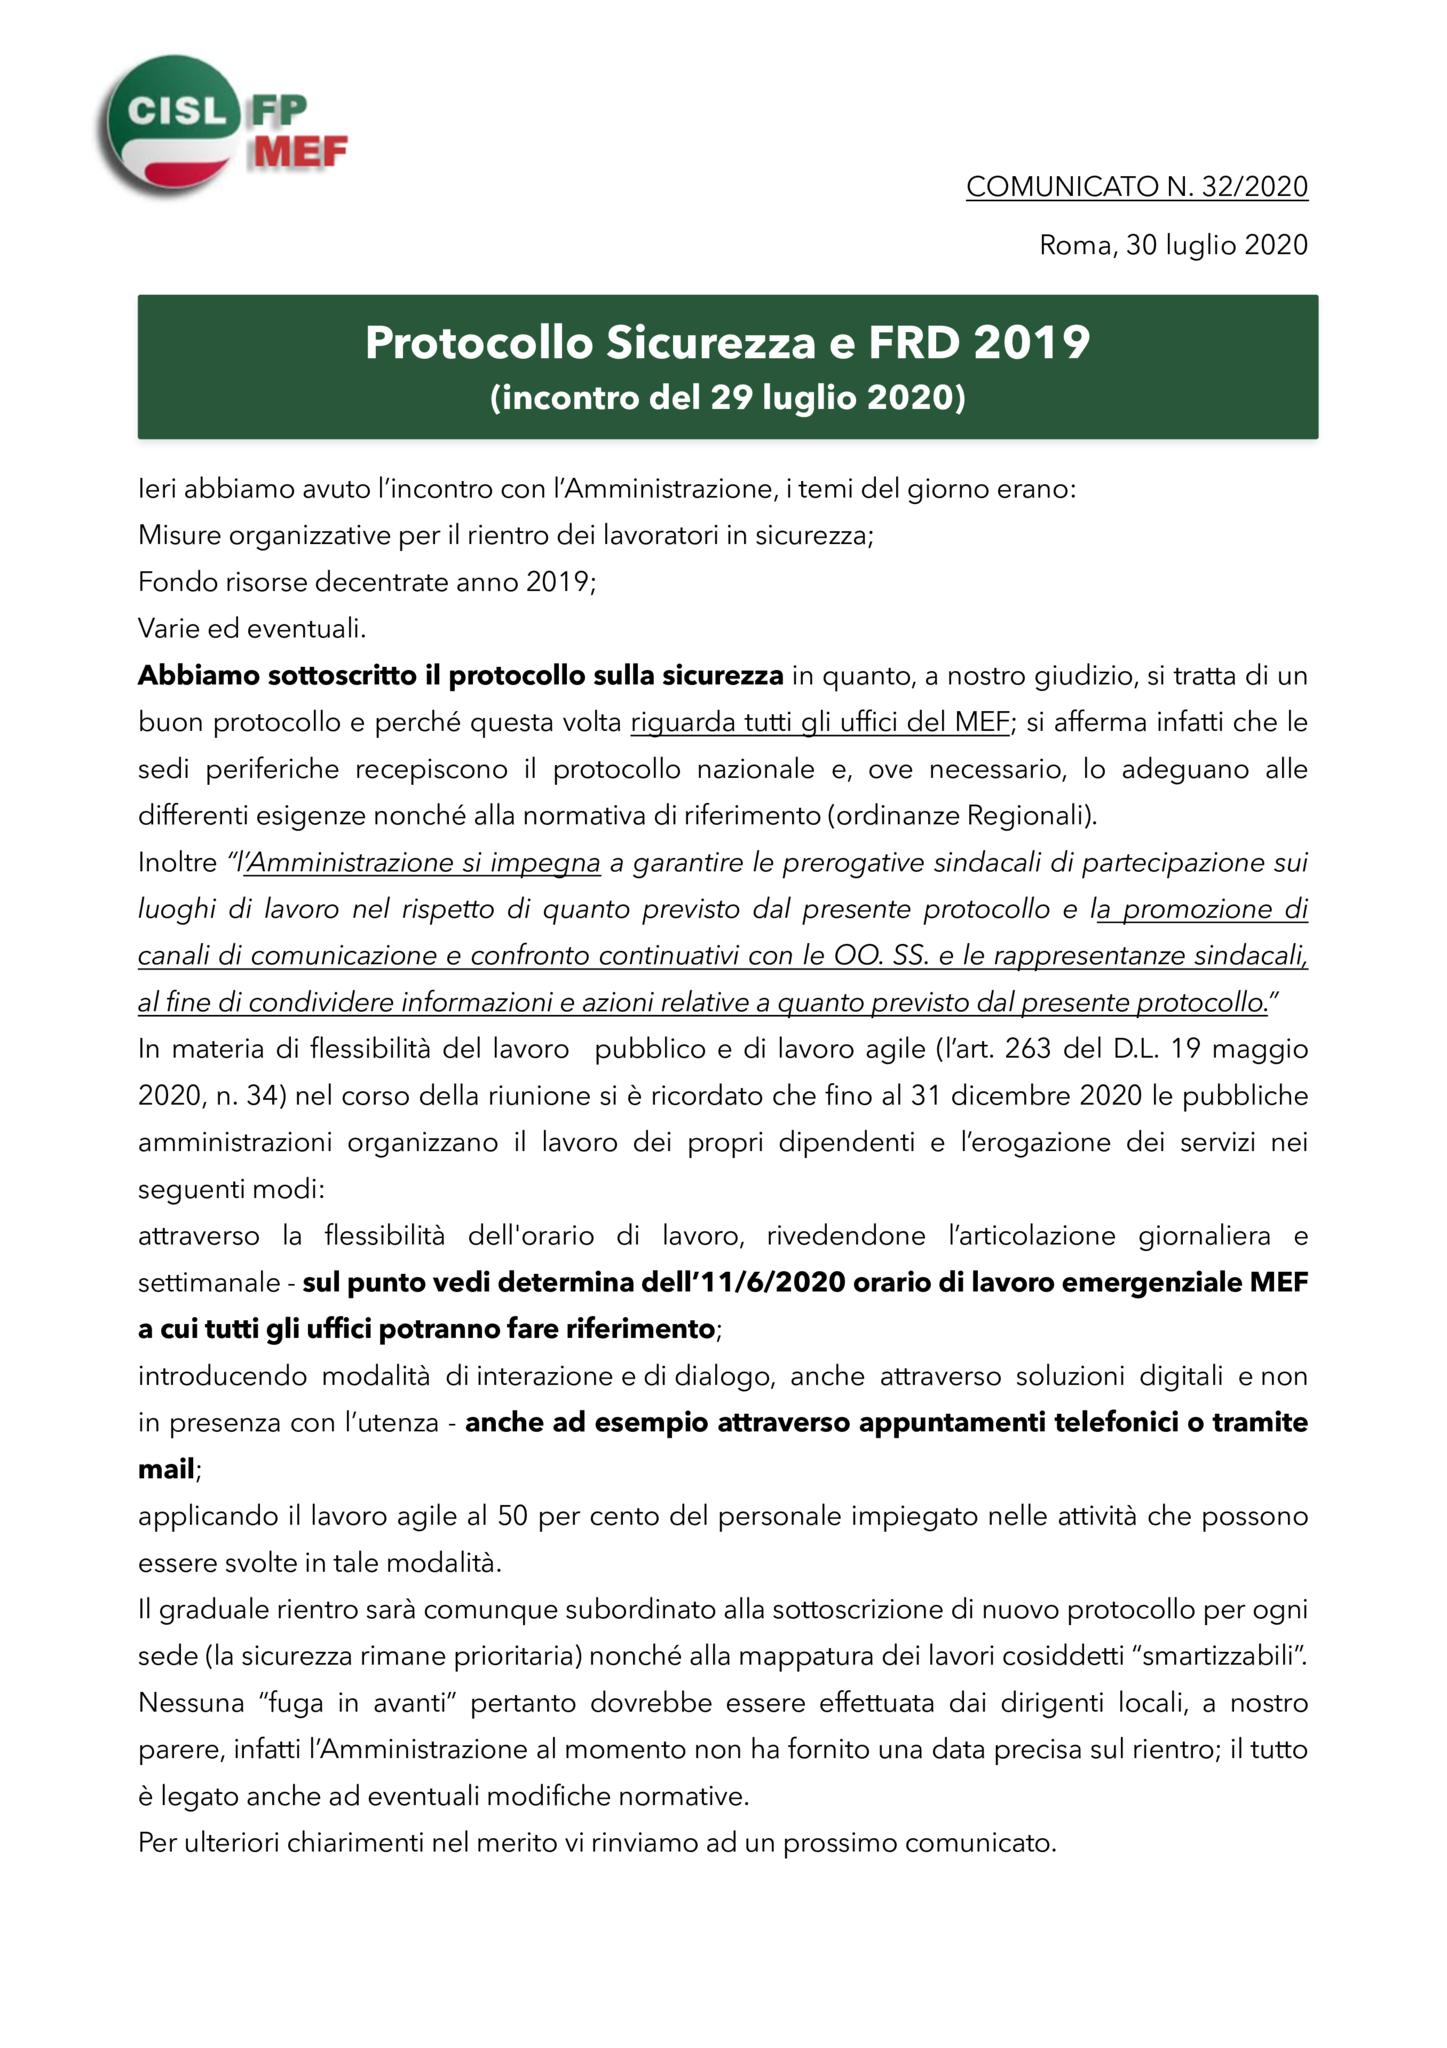 thumbnail of 32 COMUNICATO – PROTOCOLLO SICUREZZA E FRD 2019